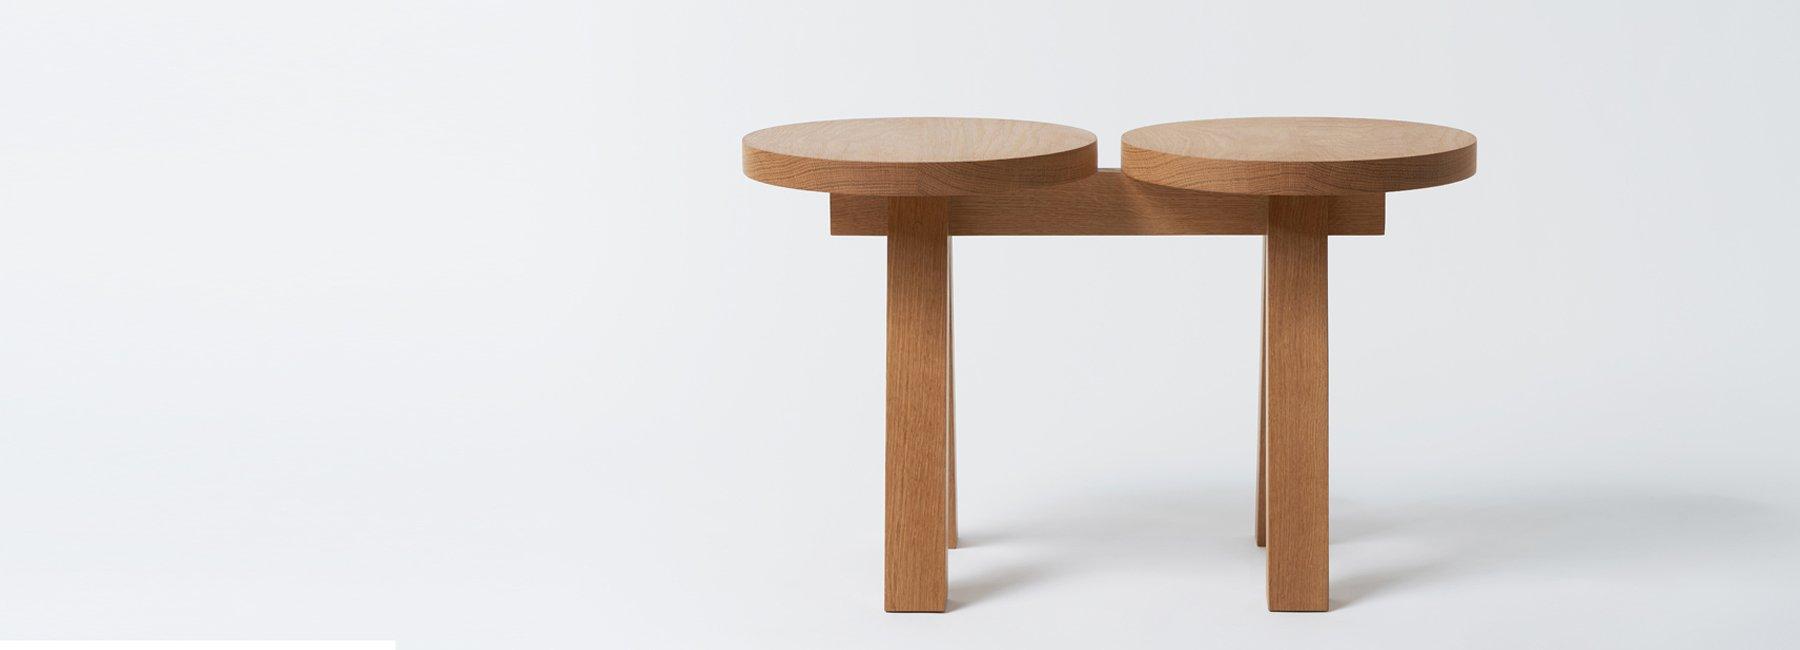 ghế gỗ 2